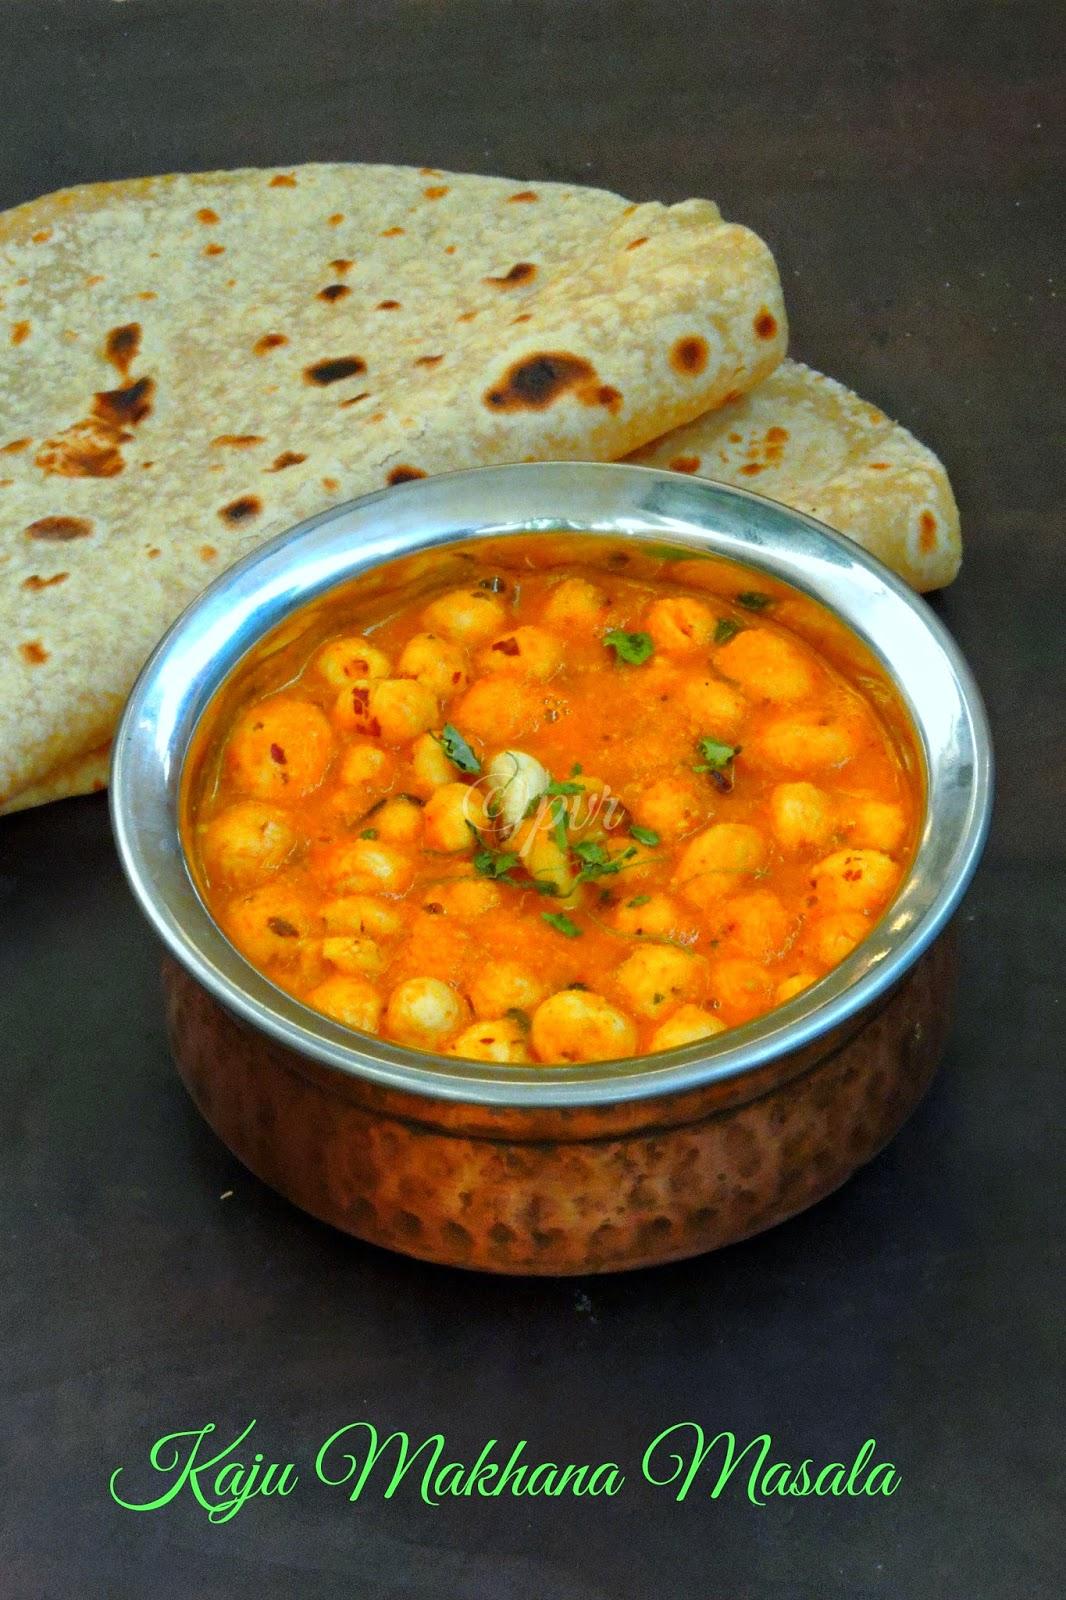 Kaju makhana masala, cashew lotus seeds curry